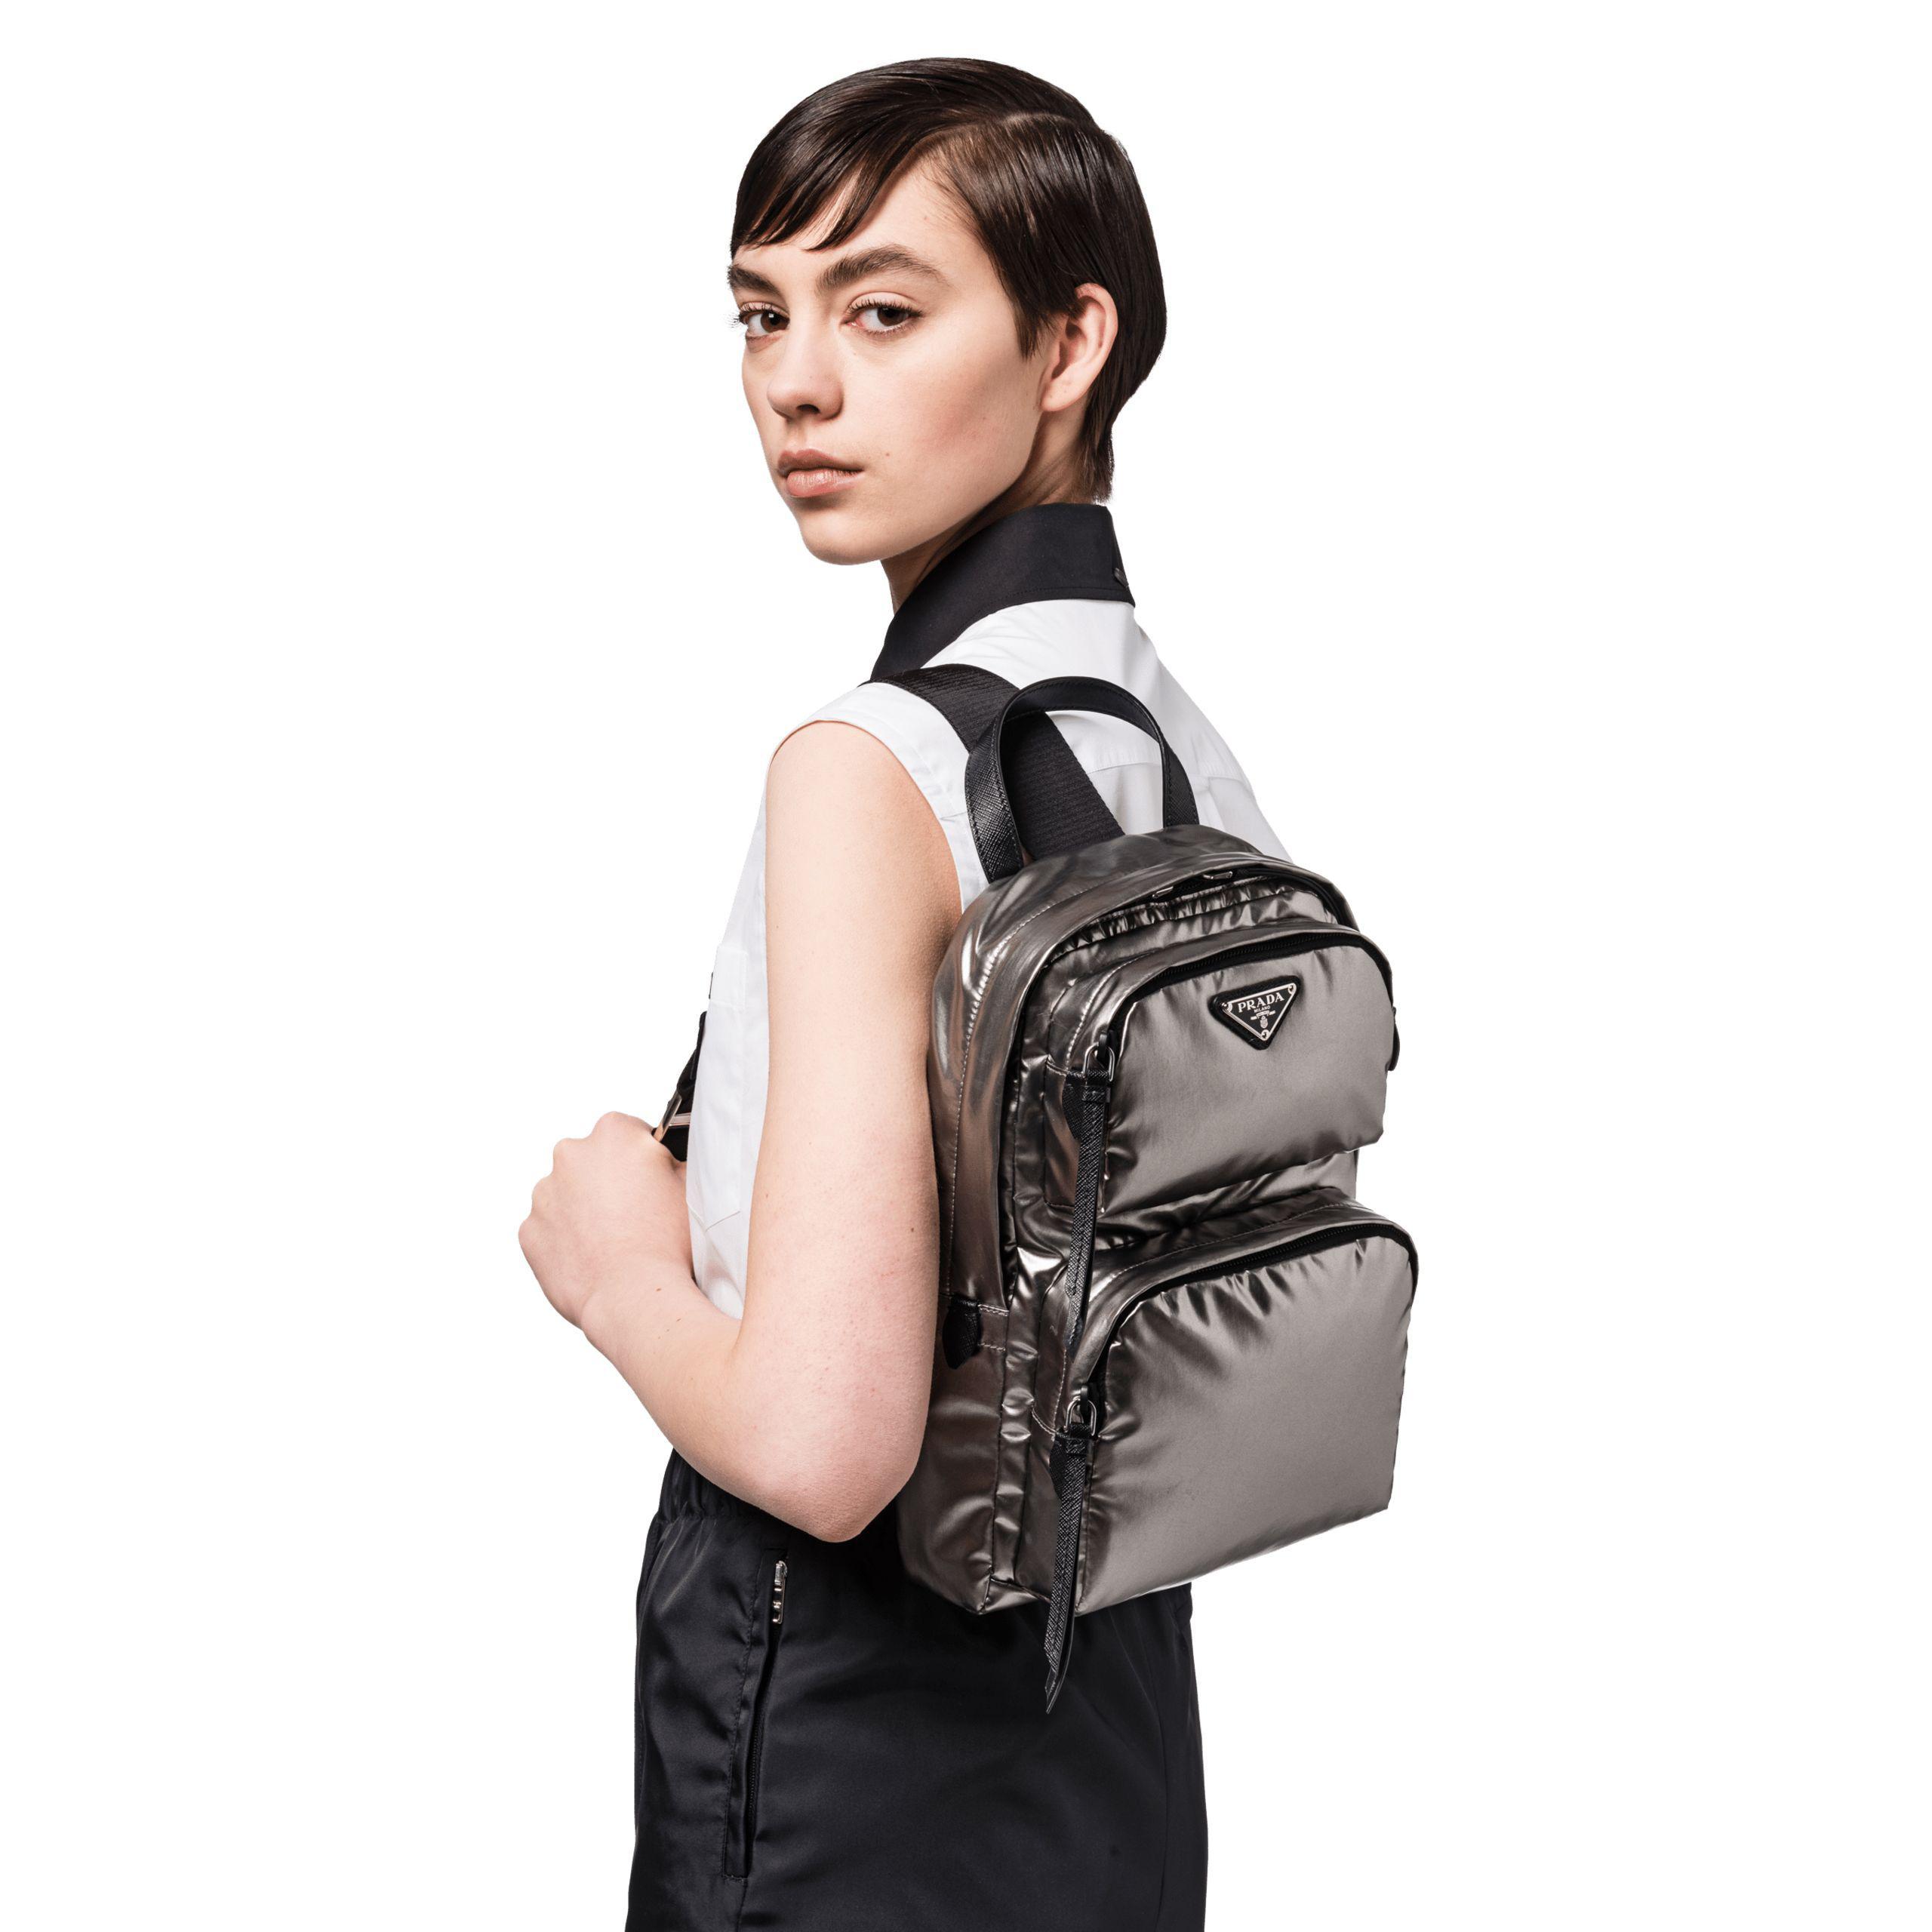 57963b9dd49c Prada One-shoulder Laminated Fabric Backpack in Black - Lyst